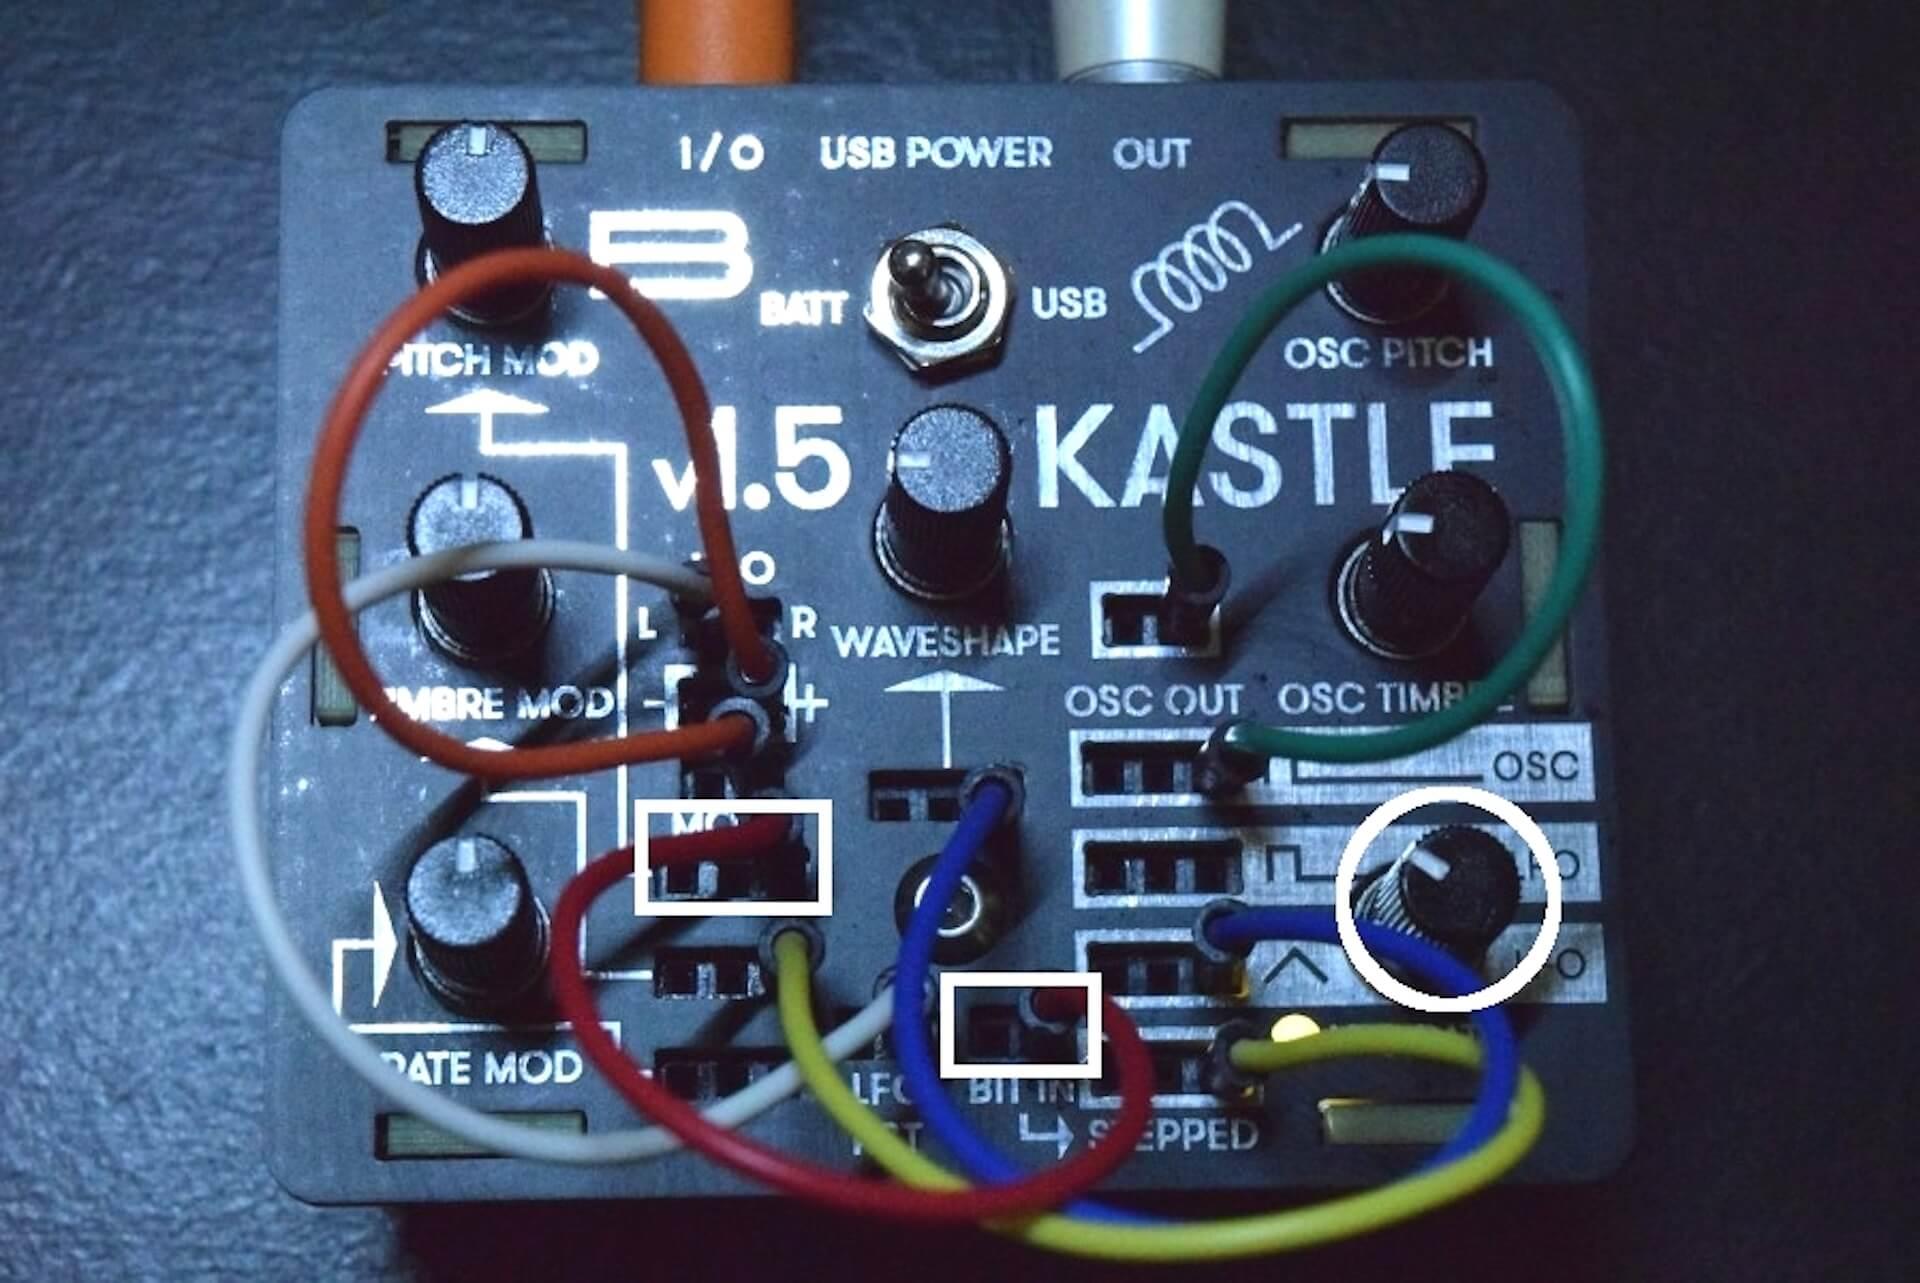 超小型モジュラー・シンセサイザー「KASTLE V1.5」のサウンドと魅力 d50b15e8ec57ecd70f4797cd6331c2a8